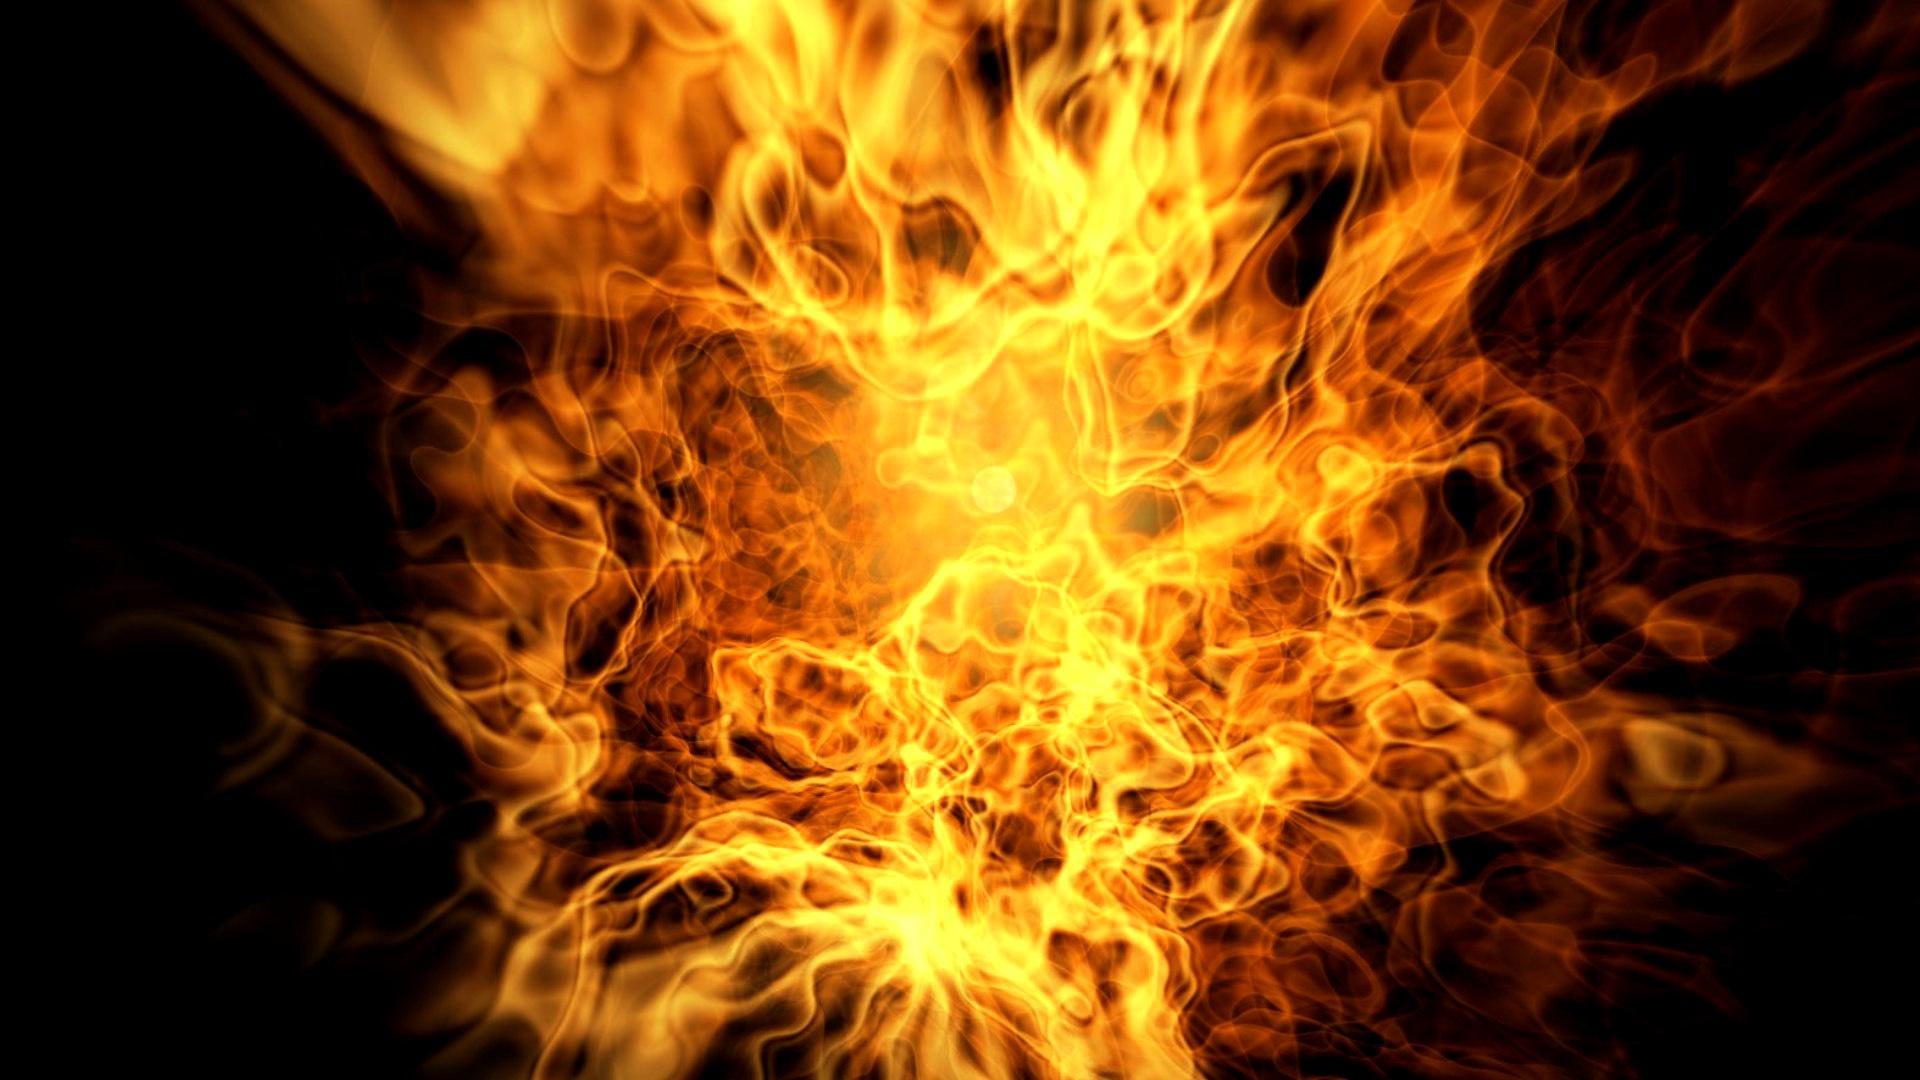 Fire HD wallpaperdesktop background in 1920x1080 HD Widescreen 1920x1080